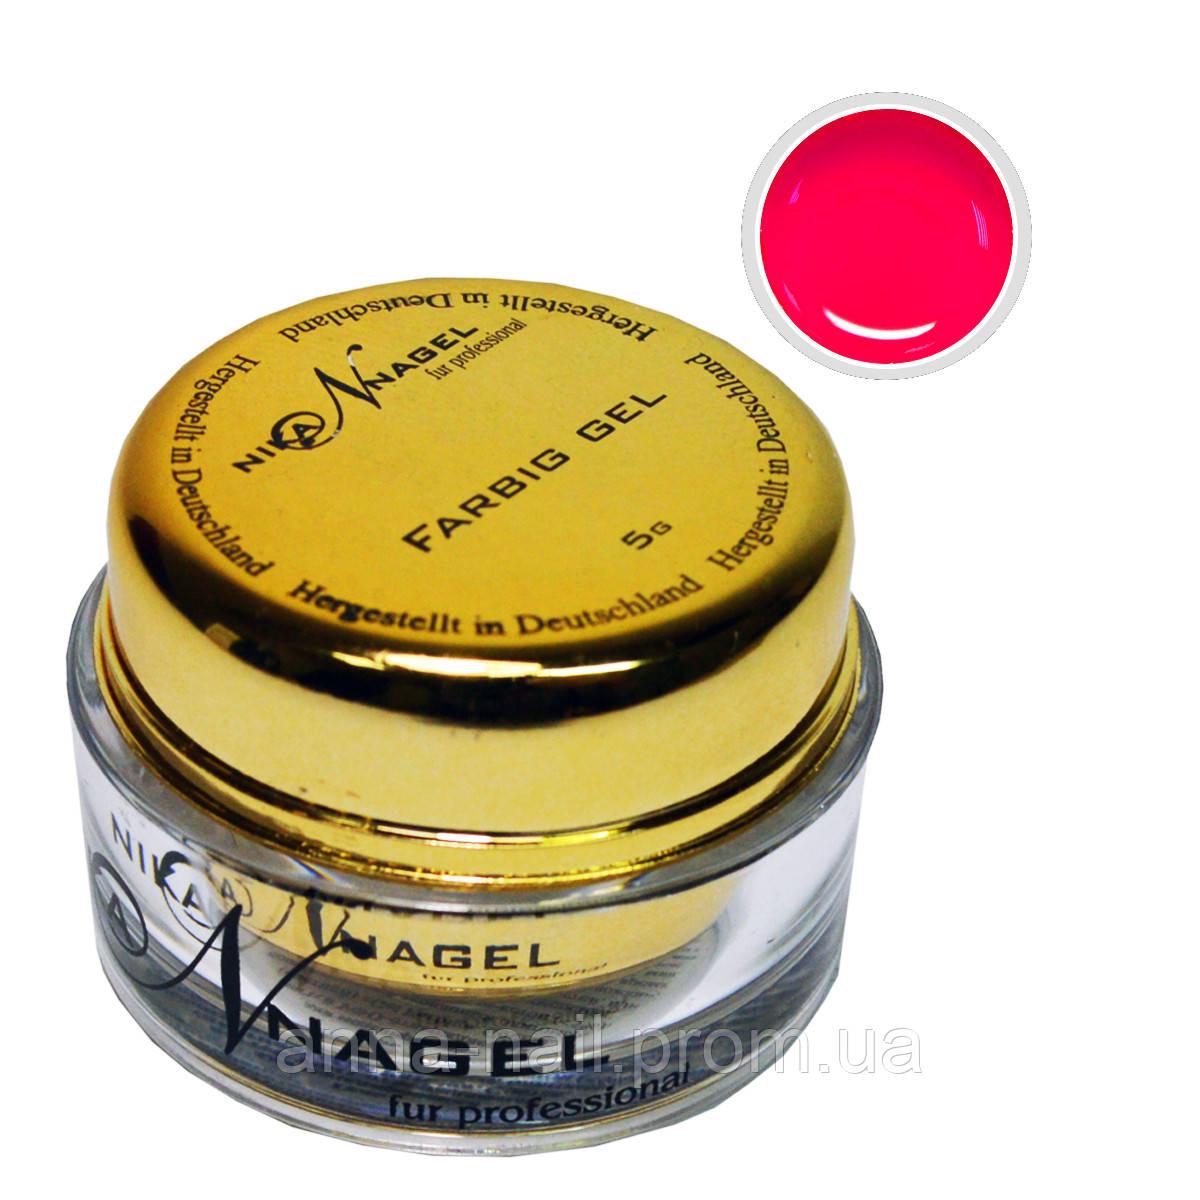 Гель для китайской росписи NIKA NAGEL Лакомка K41 красный, 5 г